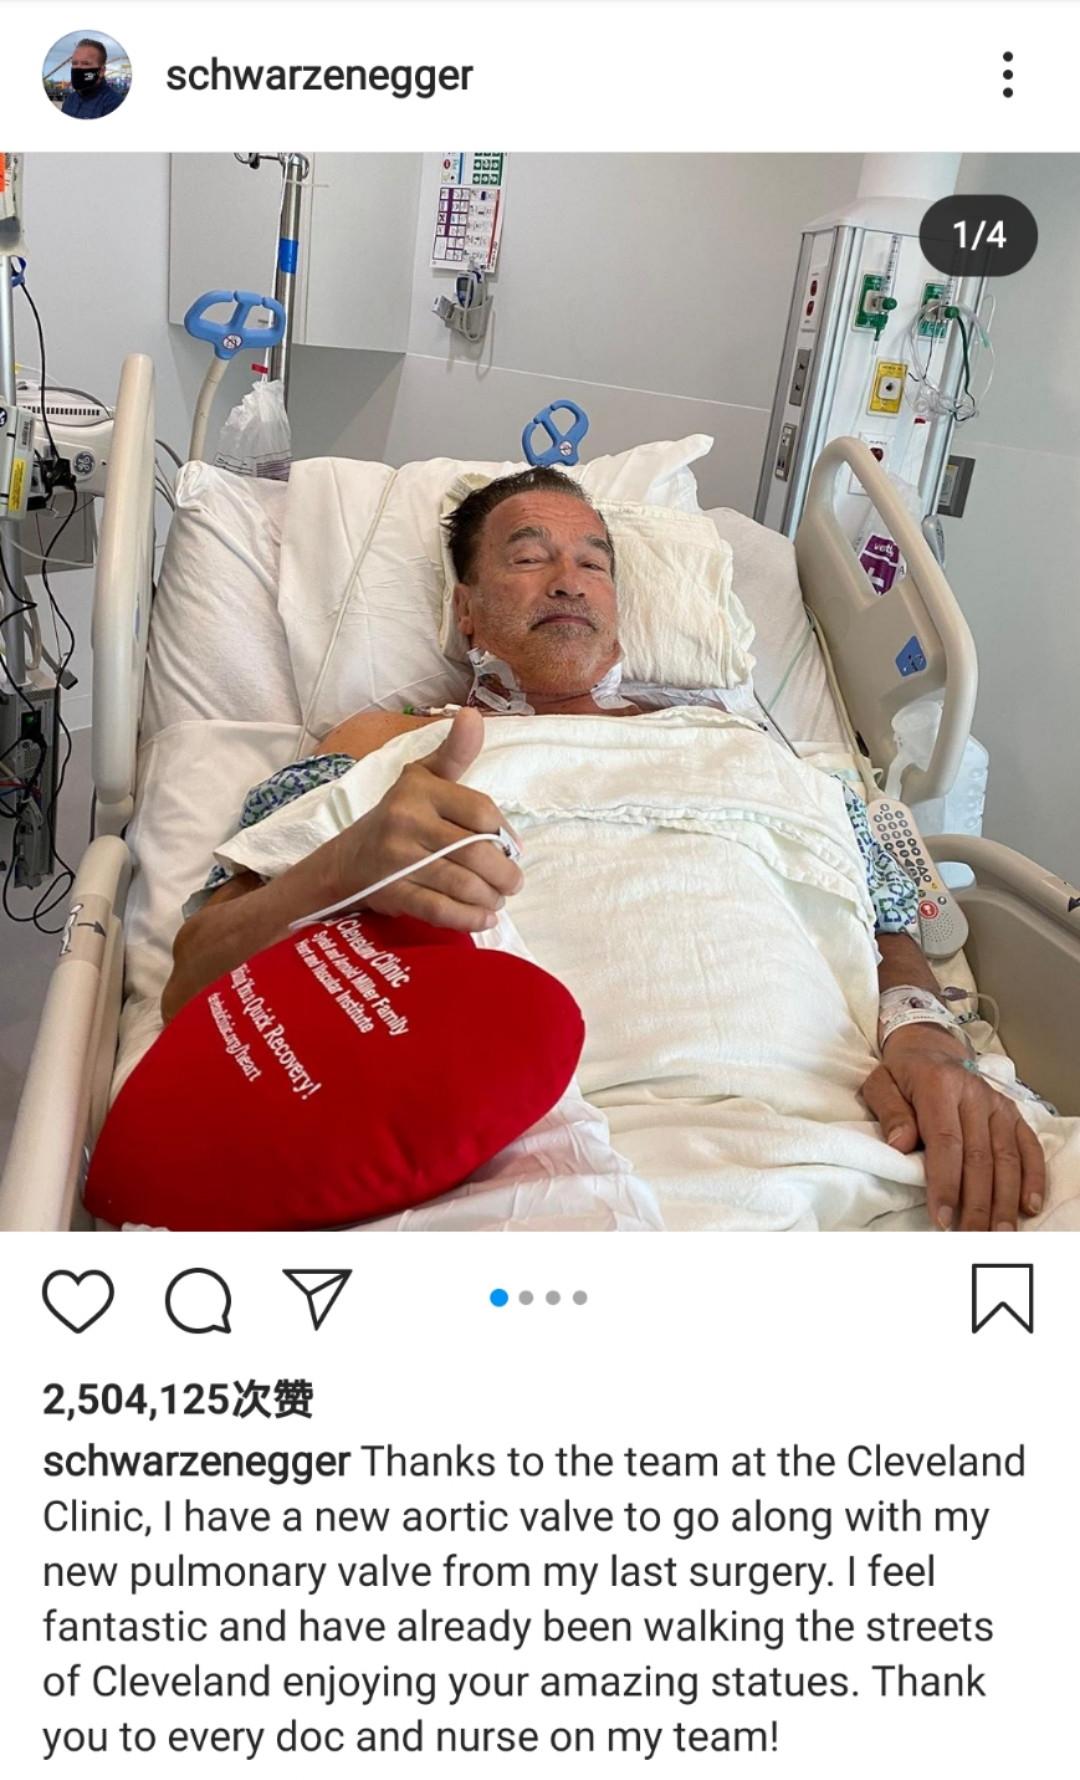 施瓦辛格再次接受心臟手術, 現已可以出門散步-圖1